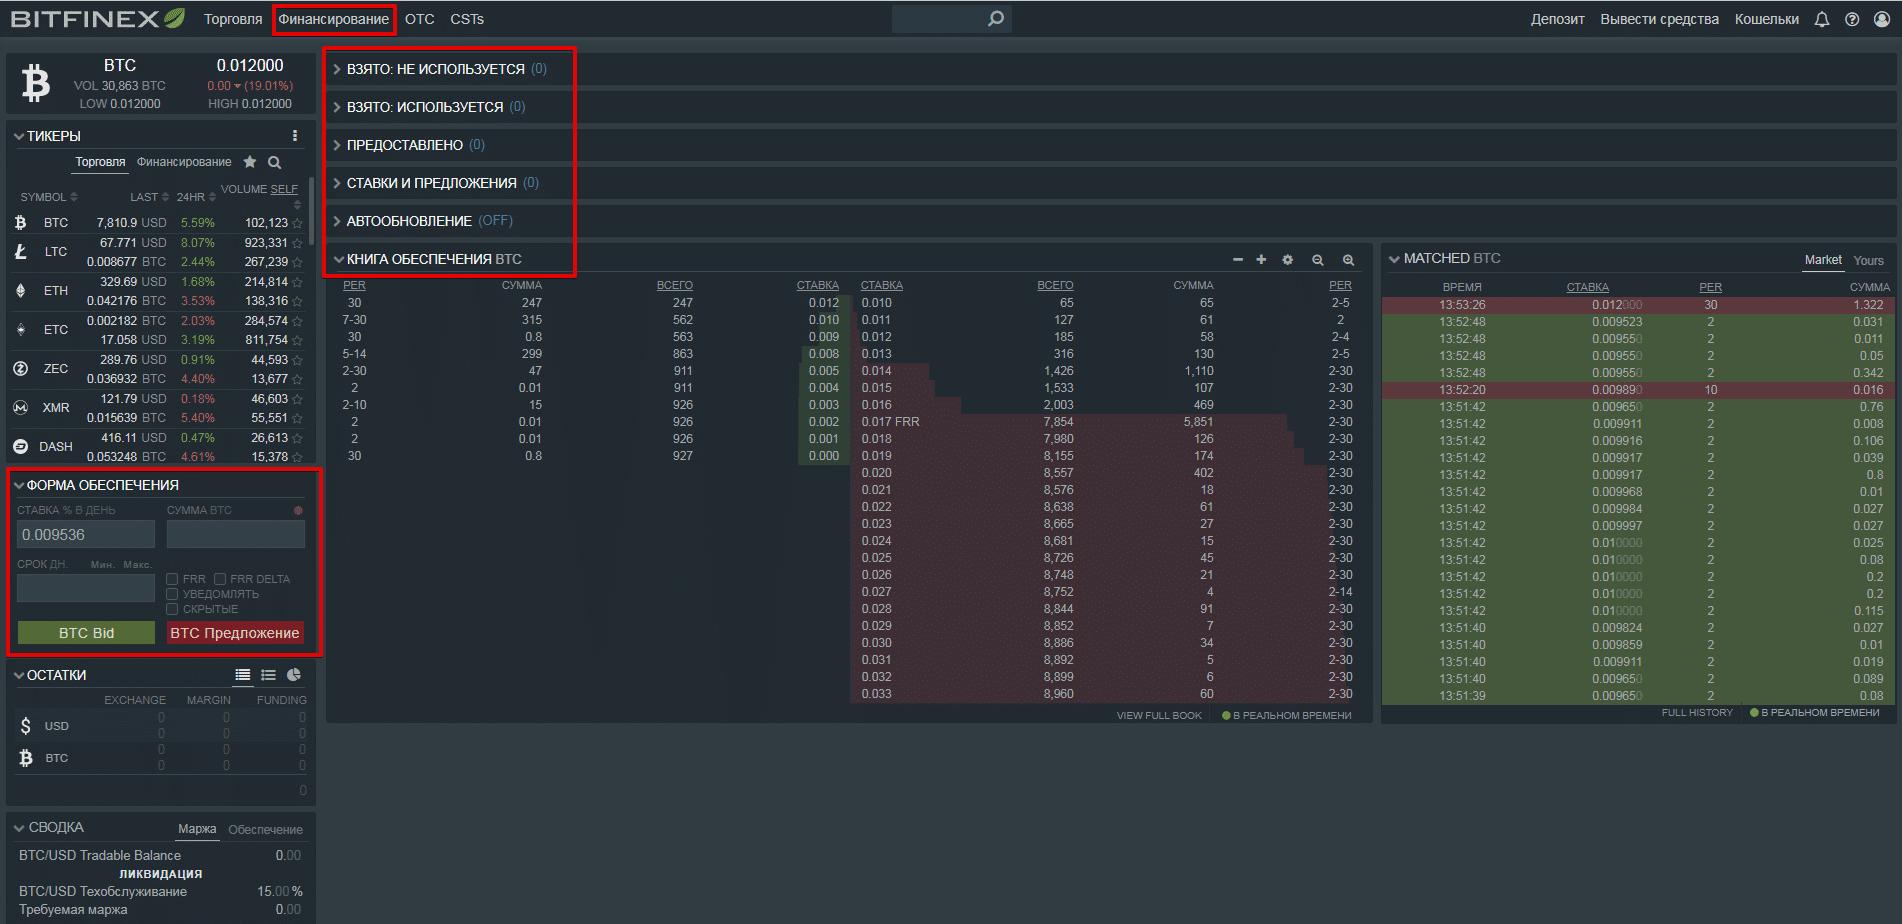 Окно с данными